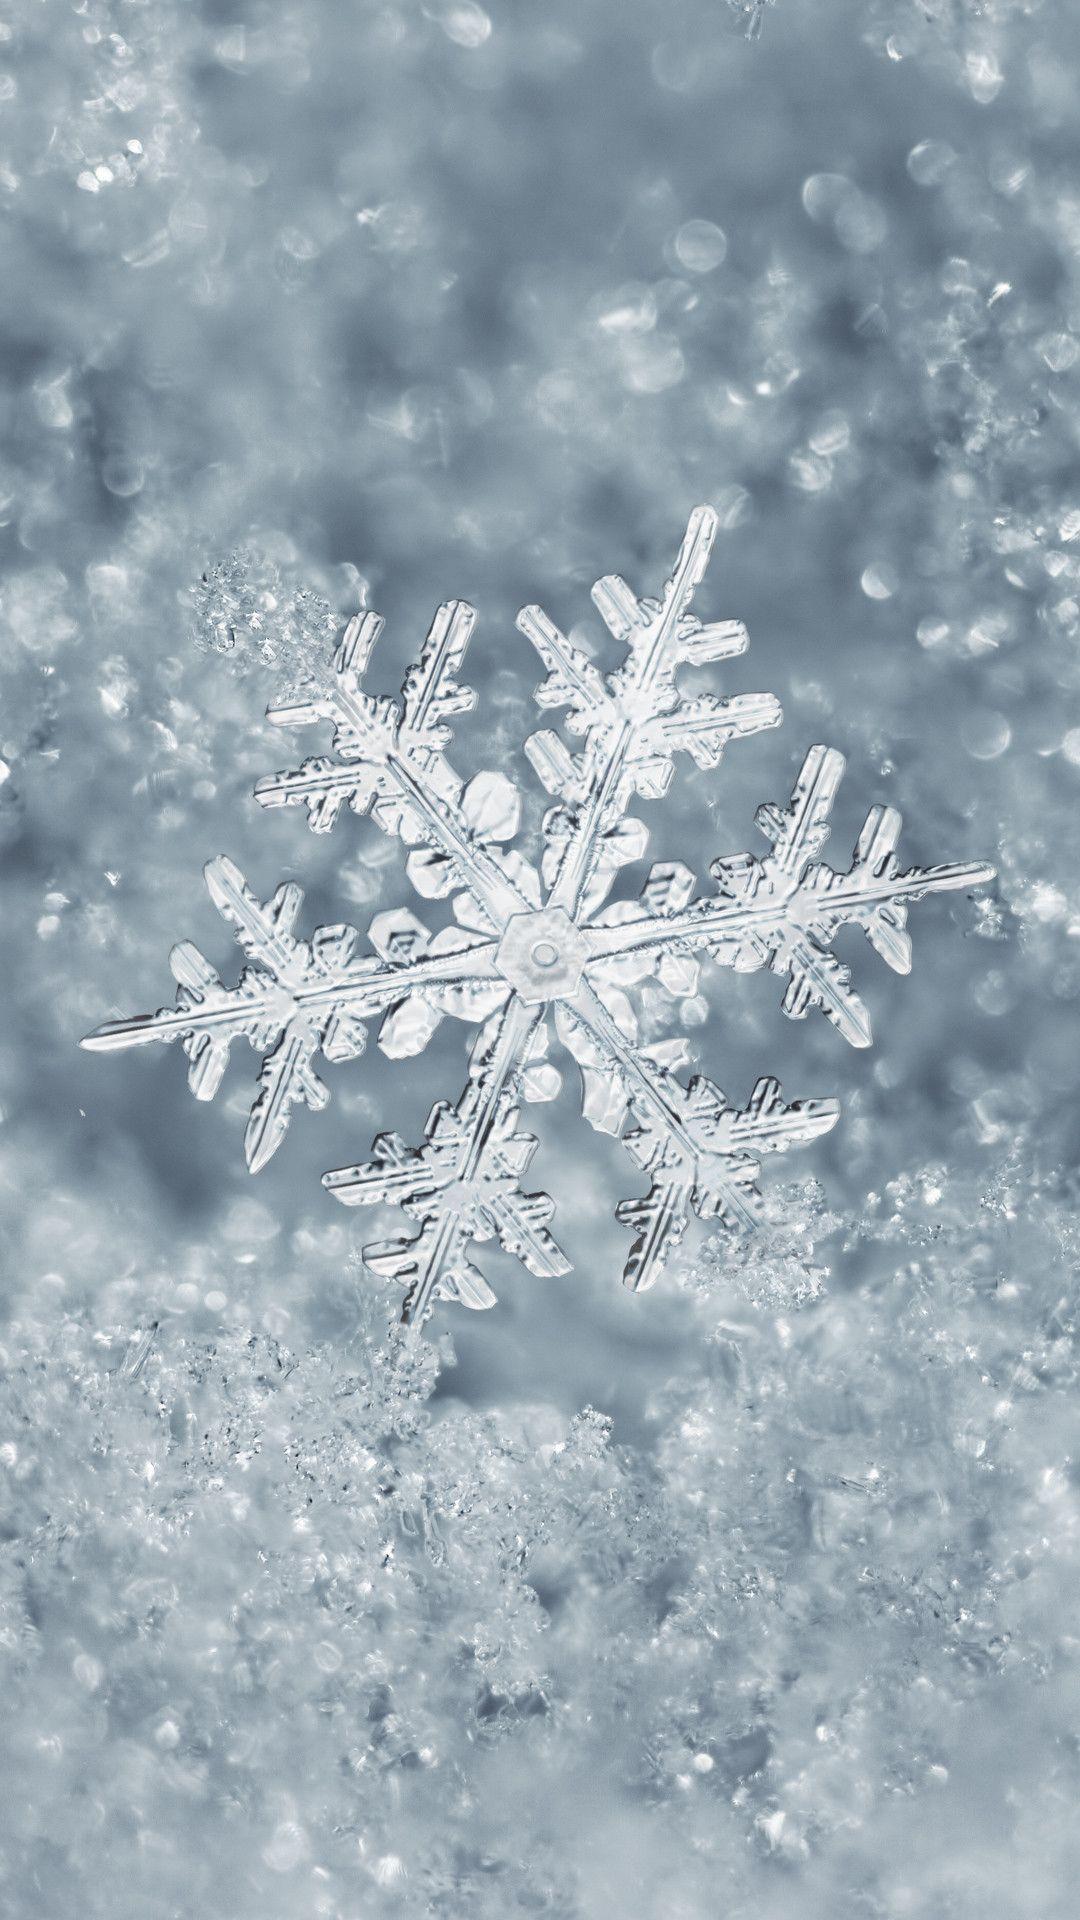 1080x1920 Ice Snowflake iPhone 7 Plus Wallpaper · DruckvorlagenWinter HintergrundbilderIphone Hintergrundbilder BildschirmschonerSchneeflockenBriefkopfBilderSchnee ... #winterbackground